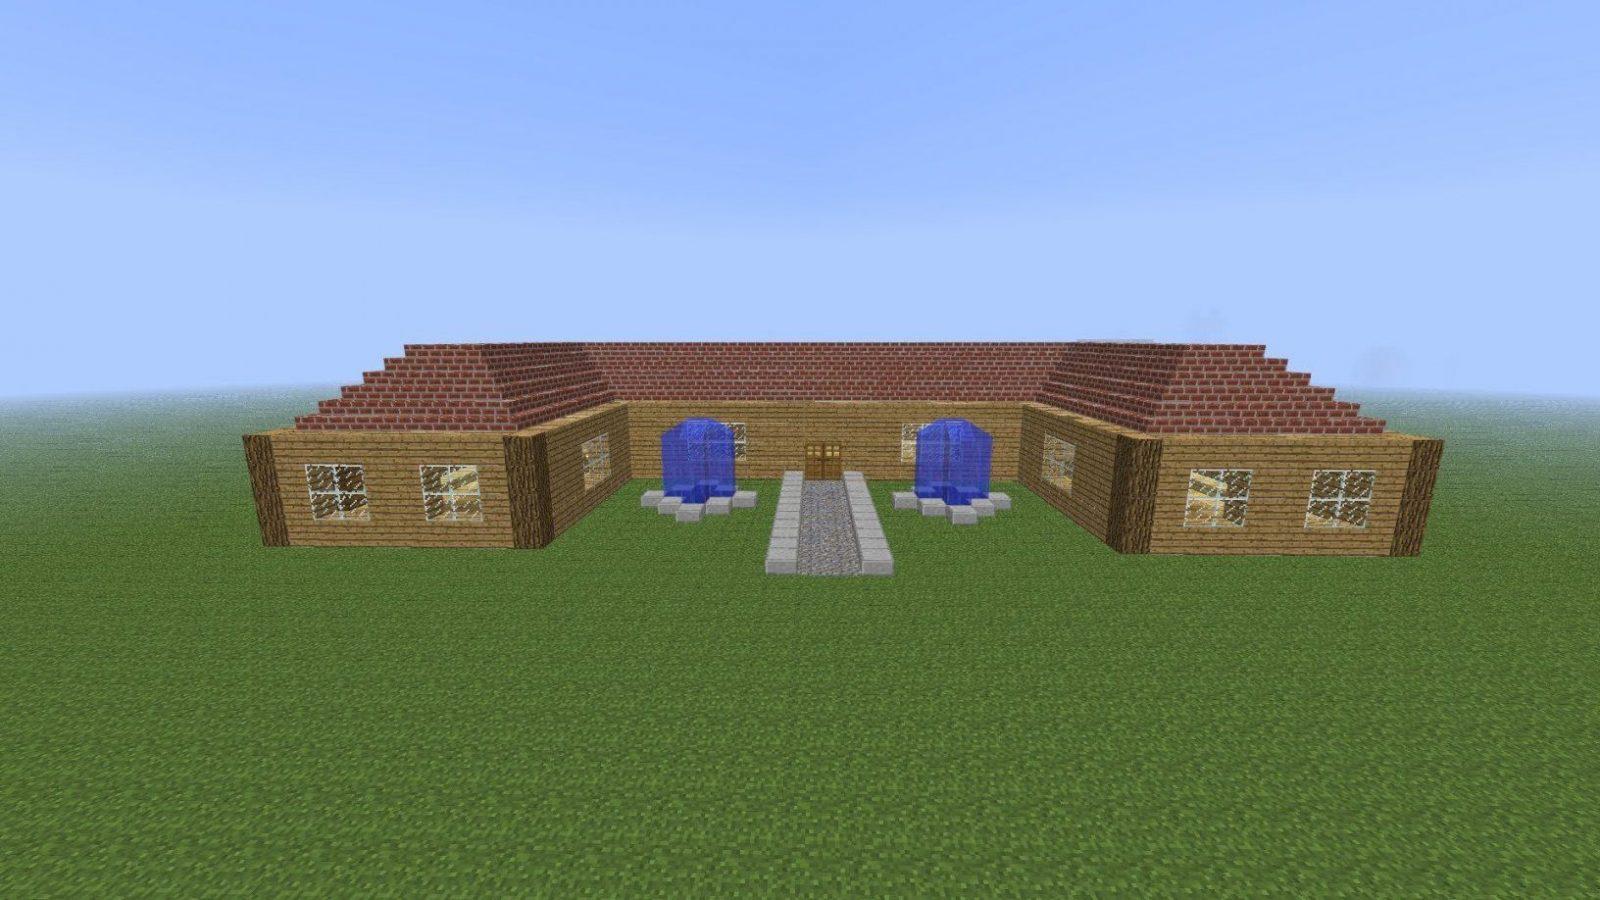 Minecraftschönes Haus Bauen Tutorial  Youtube von Minecraft Häuser Bauen Mit Anleitung Photo